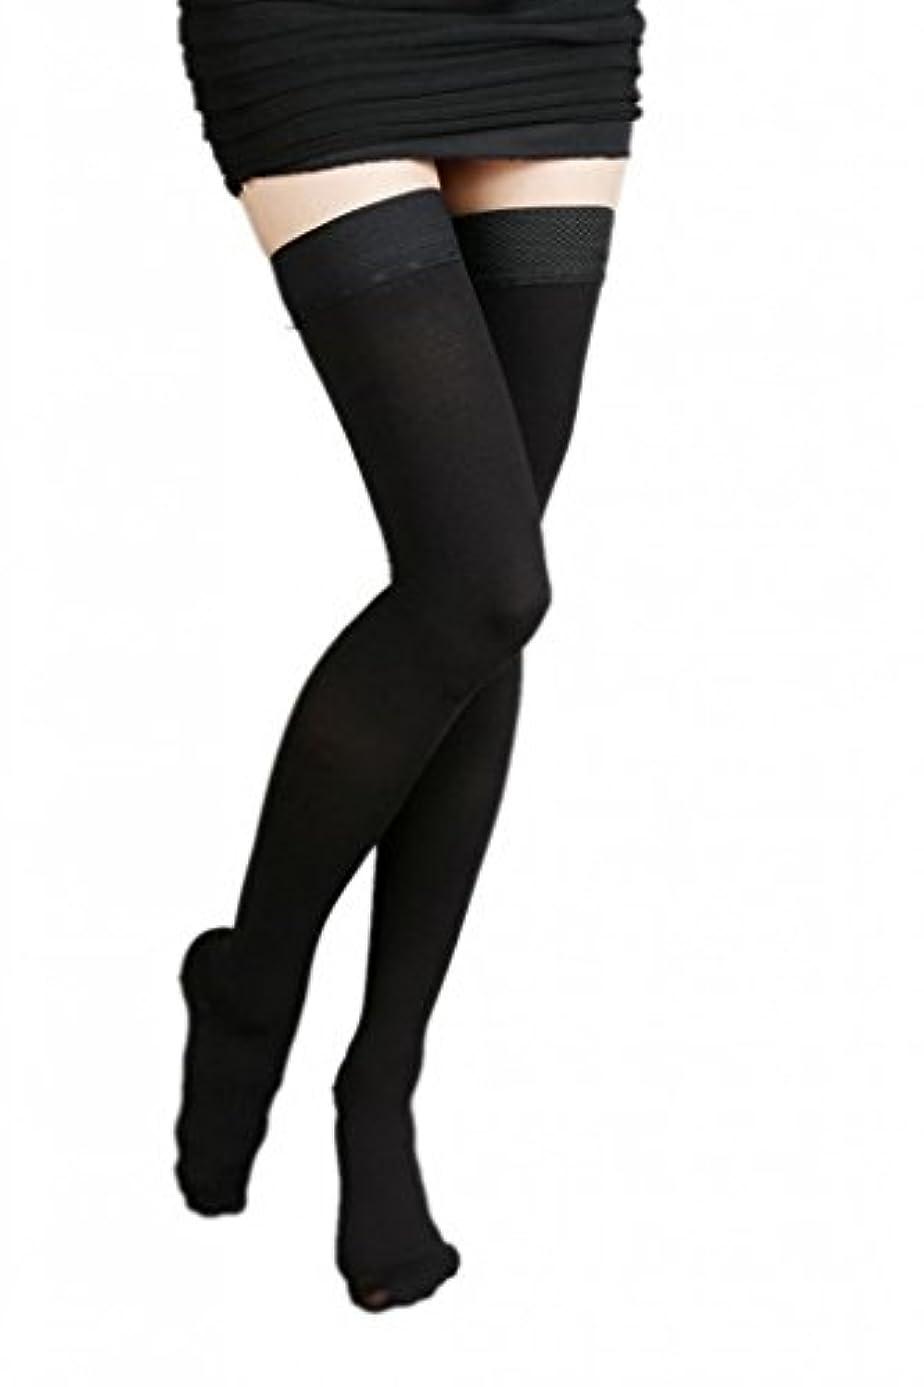 危険な極めて重要な失礼な(ラボーグ)La Vogue 美脚 着圧オーバーニーソックス ハイソックス 靴下 弾性ストッキング つま先あり着圧ソックス M 3級強圧 黒色